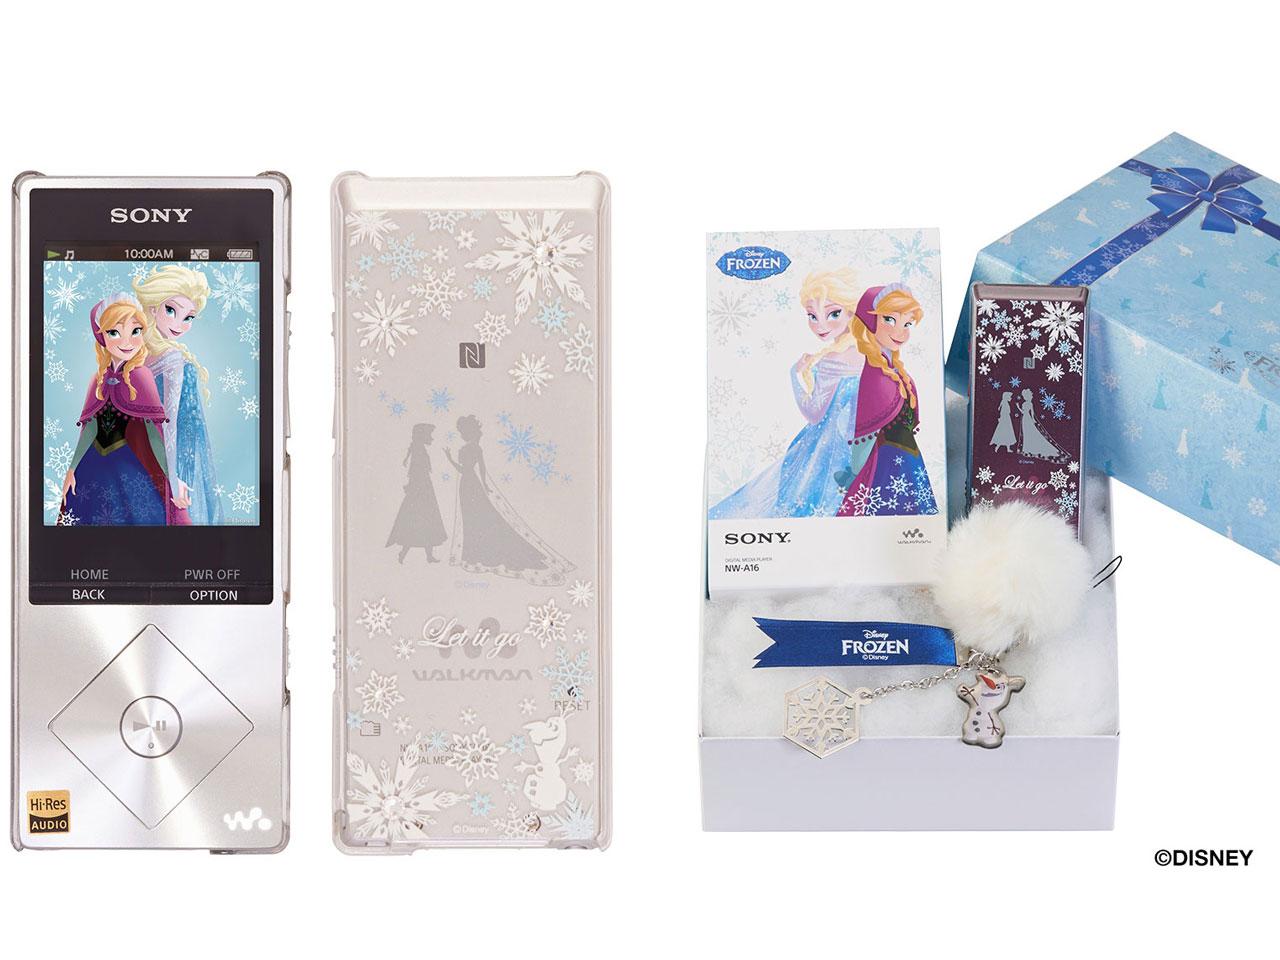 NW-A16/FROZEN ウォークマン Aシリーズ アナと雪の女王オリジナルモデル [32GB] の製品画像